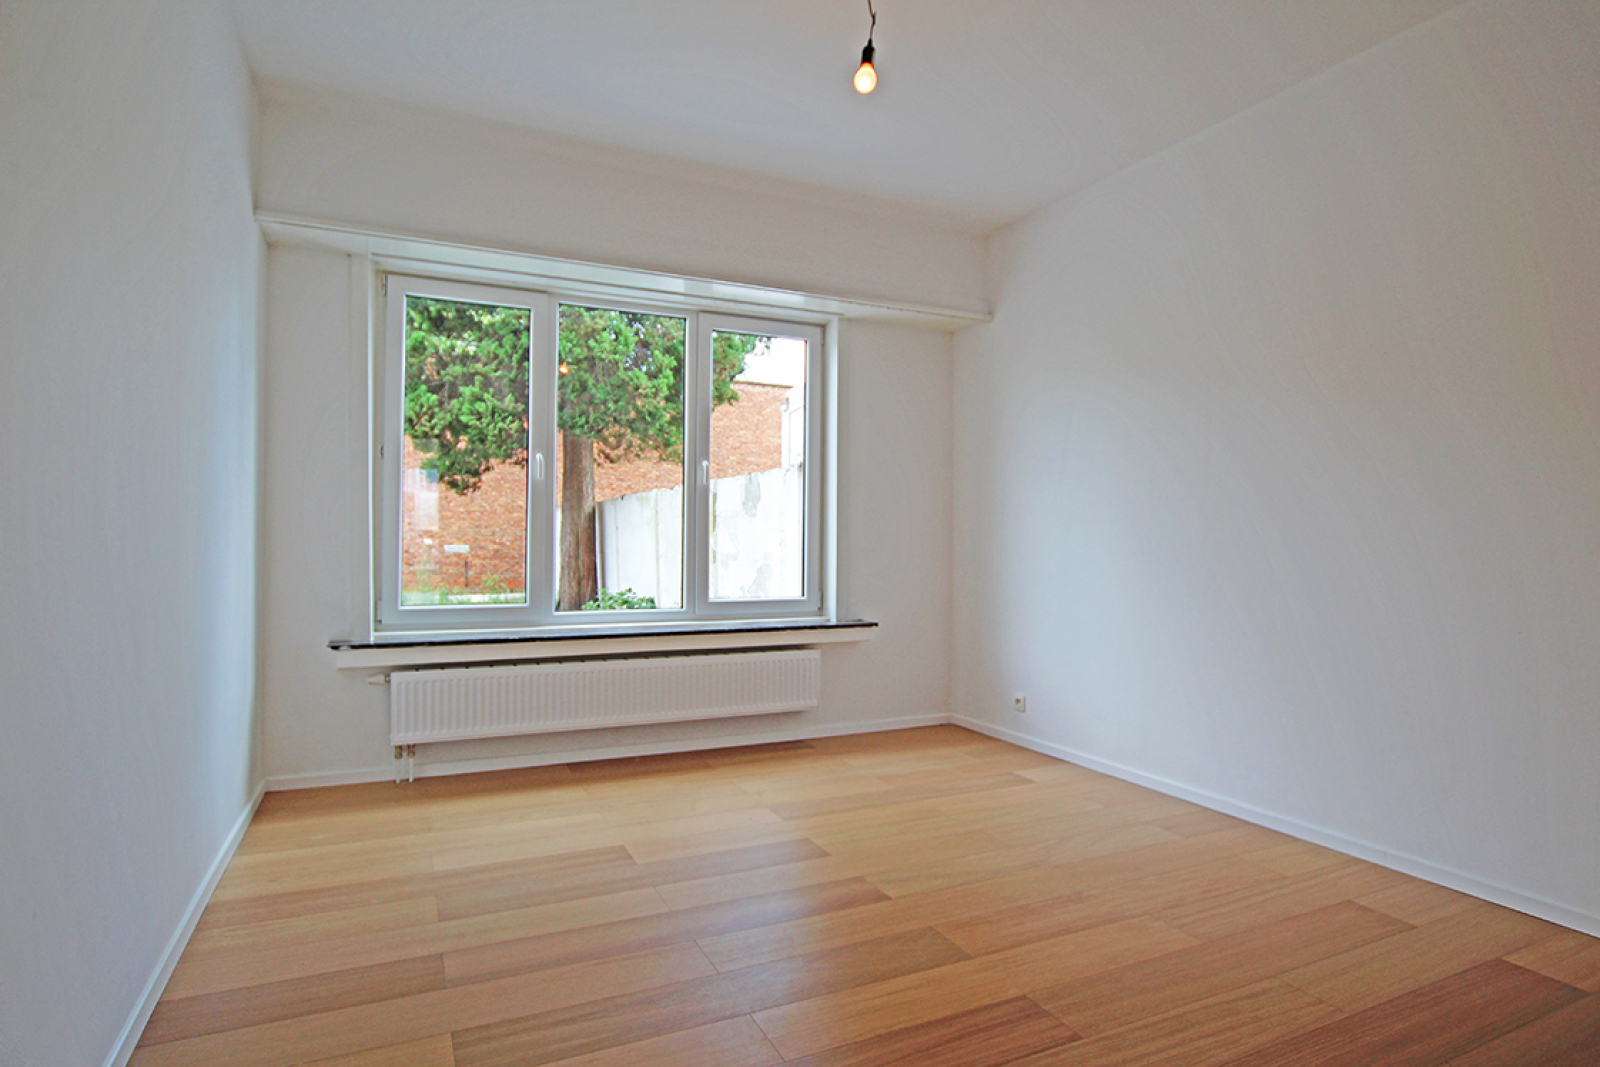 Instapklaar gelijkvloersappartement op centrale locatie te Merksem! afbeelding 4